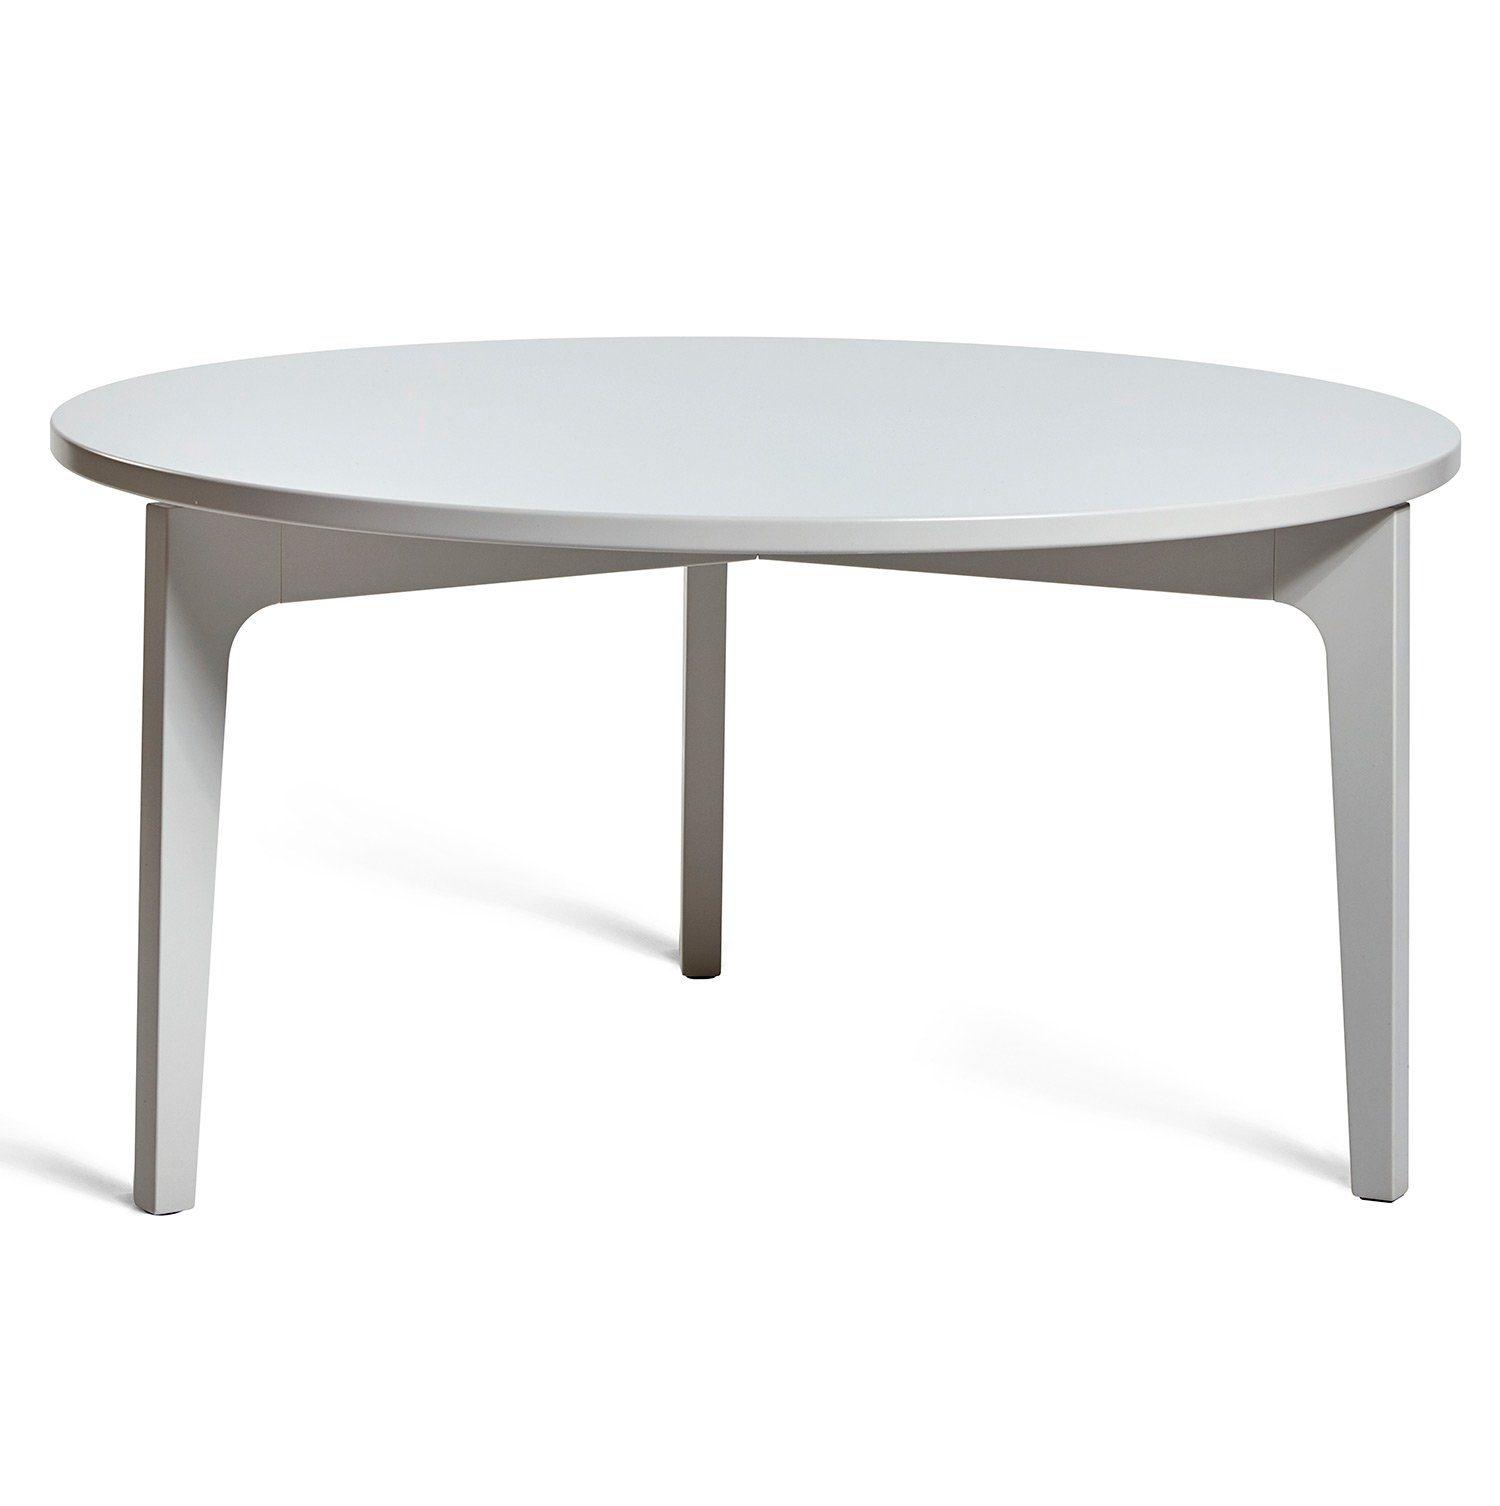 Höllviken soffbord i ljusgrått från Mavis.